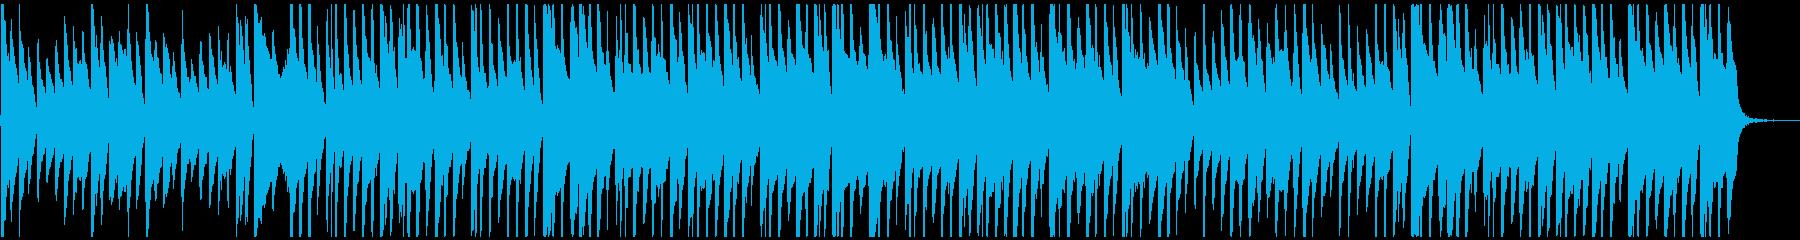 エモいBGMの再生済みの波形